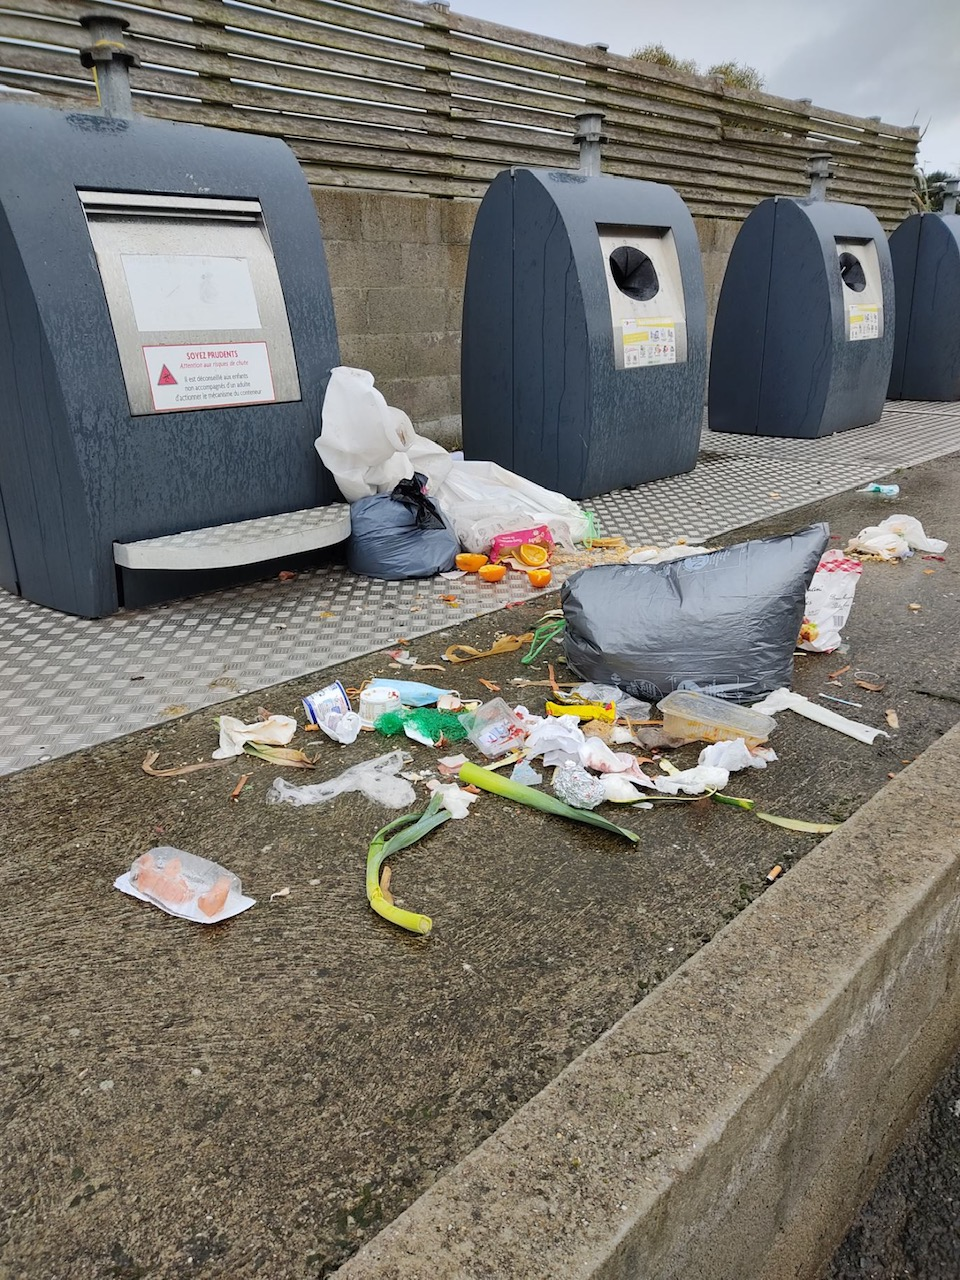 C'était sans doute trop compliqué de mettre les ordures dans les poubelles ?